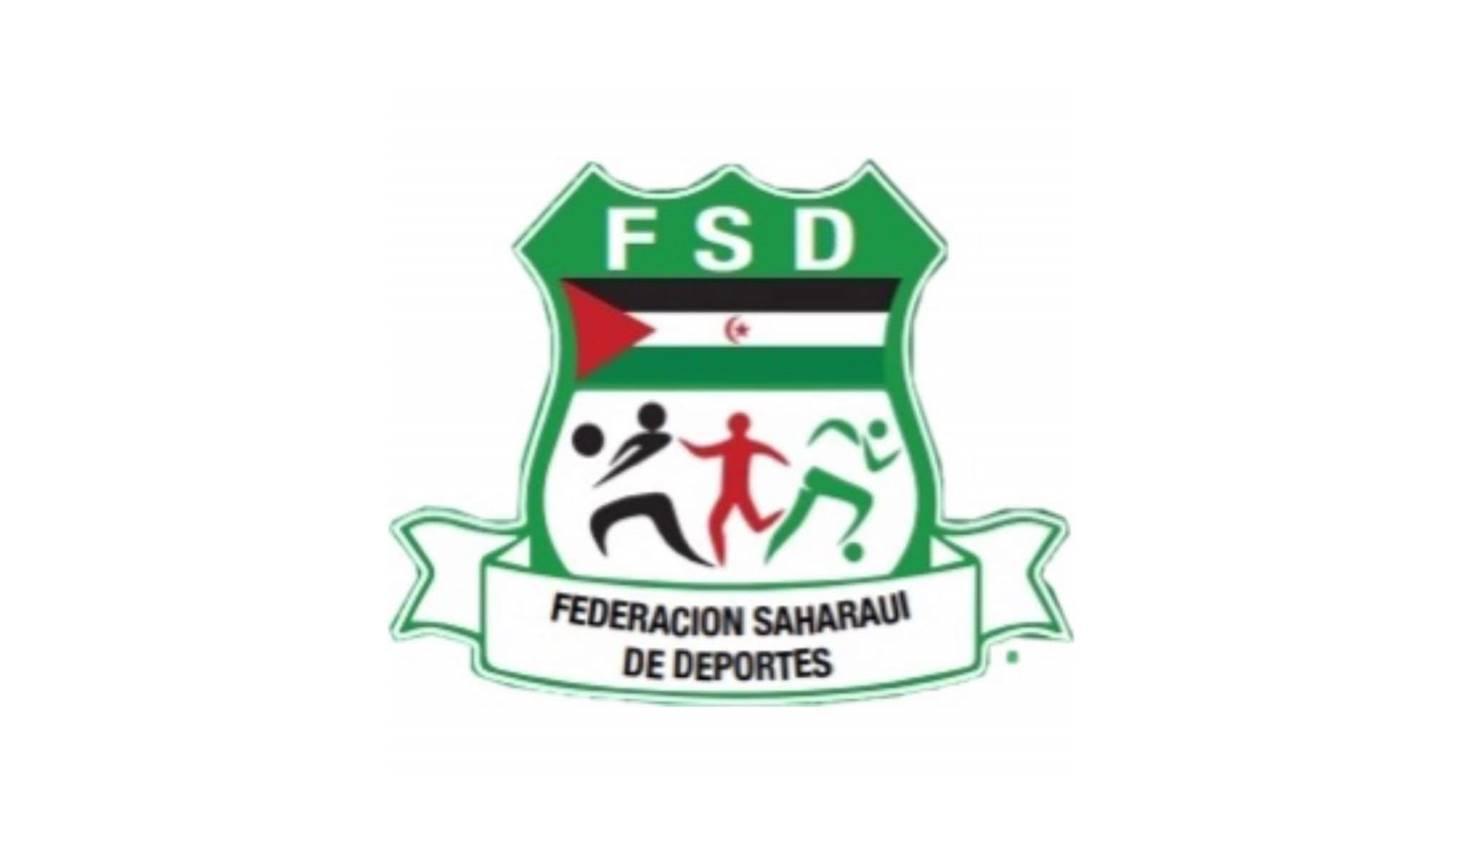 الإتحادية الصحراوية للرياضات تعلن دخول المنتخب الوطني لكرة القدم في معسكر تدريبي